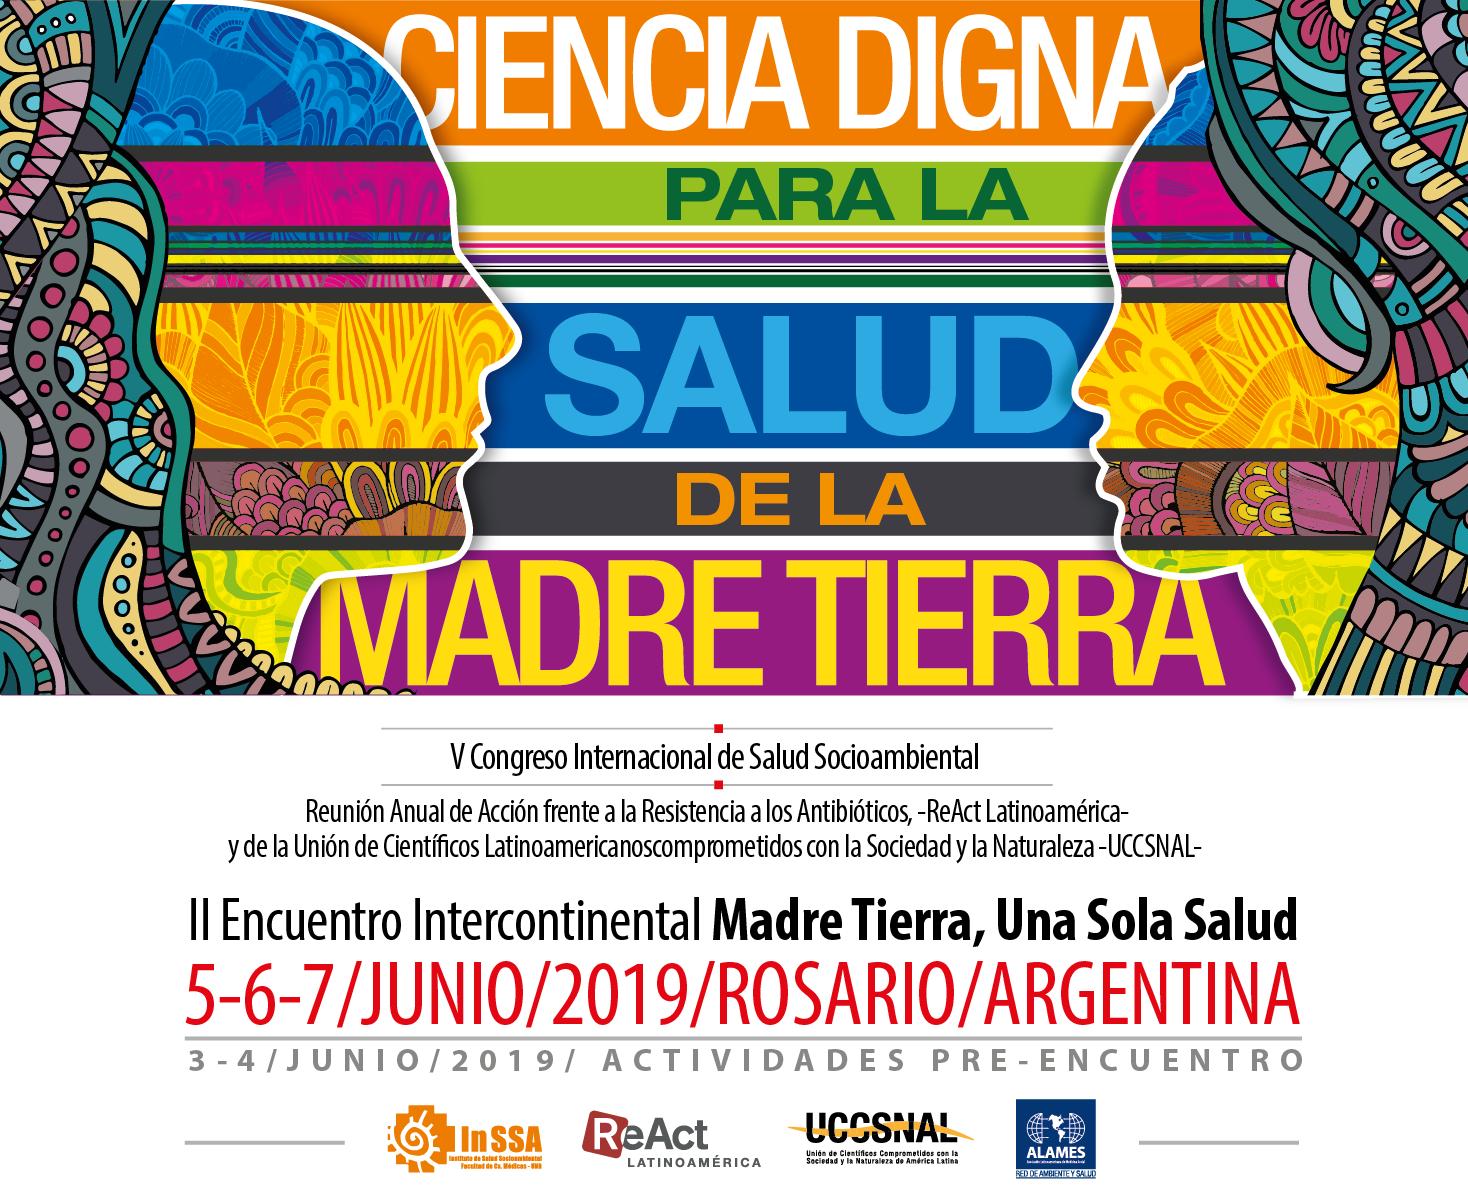 II Encuentro Intercontinental Madre Tierra, un diálogo para el cuidado de la vida